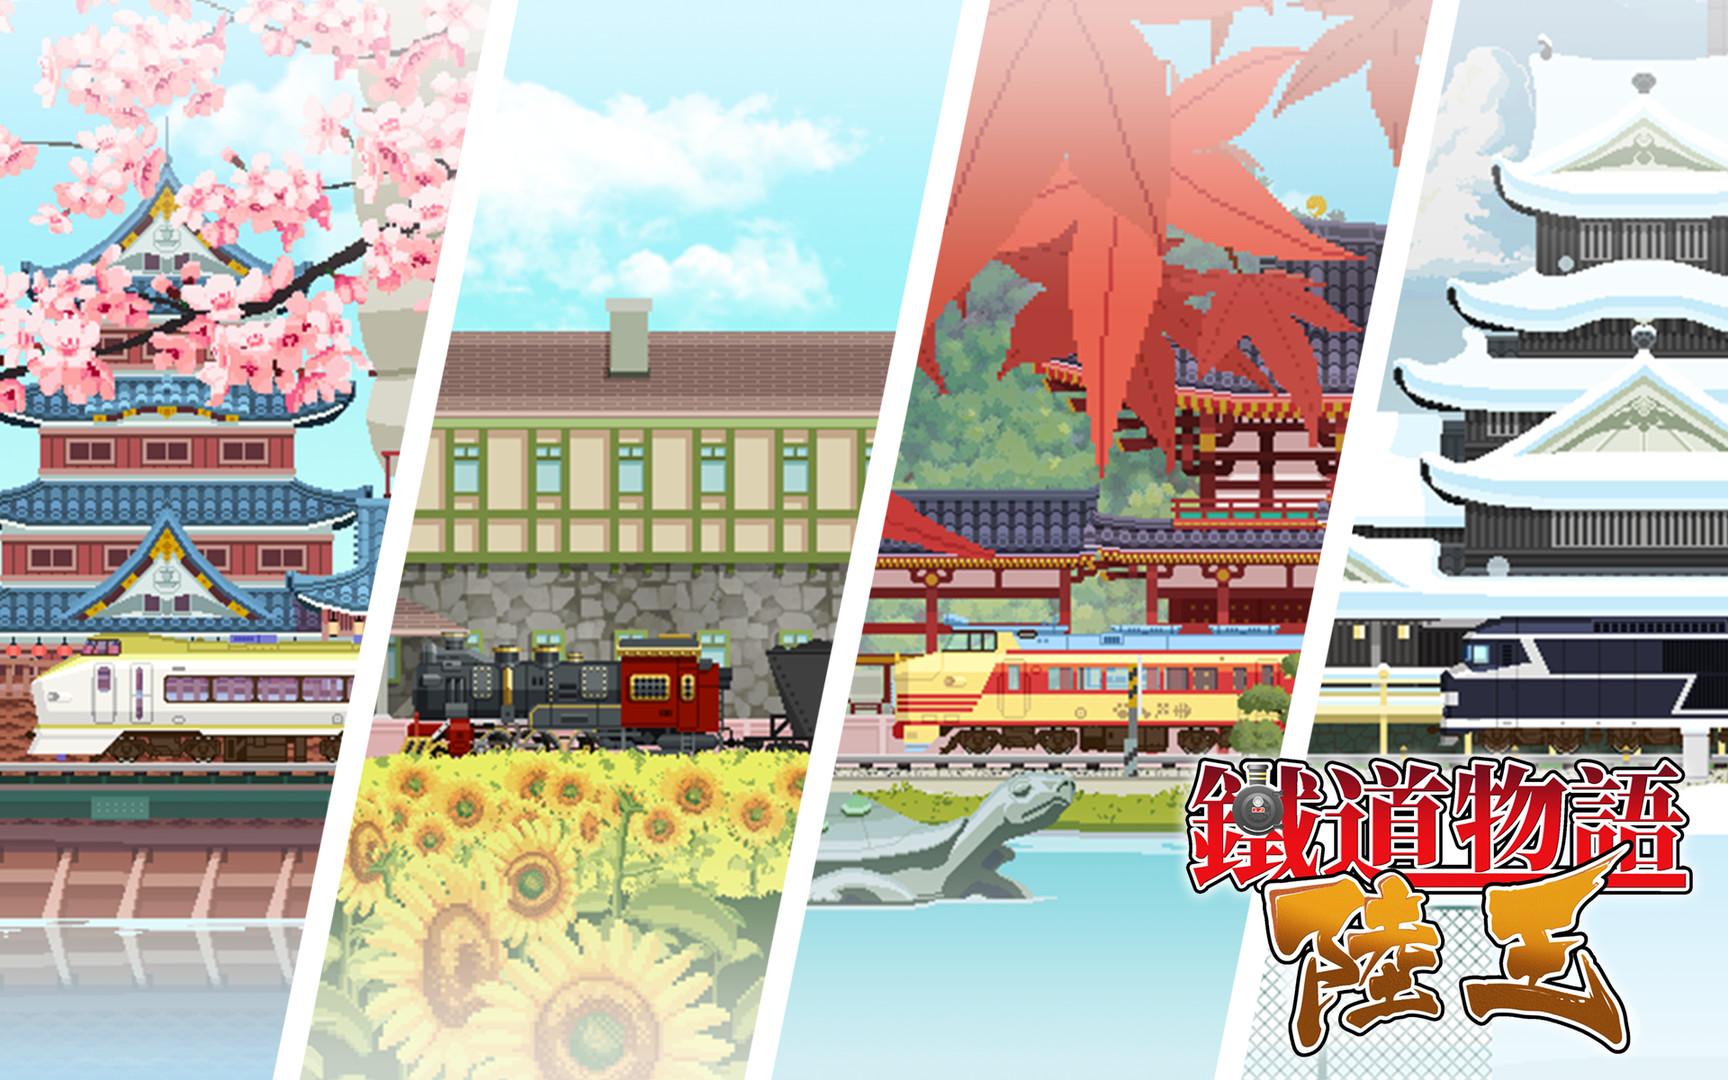 《铁道物语:陆王》5月20日更新内容一览